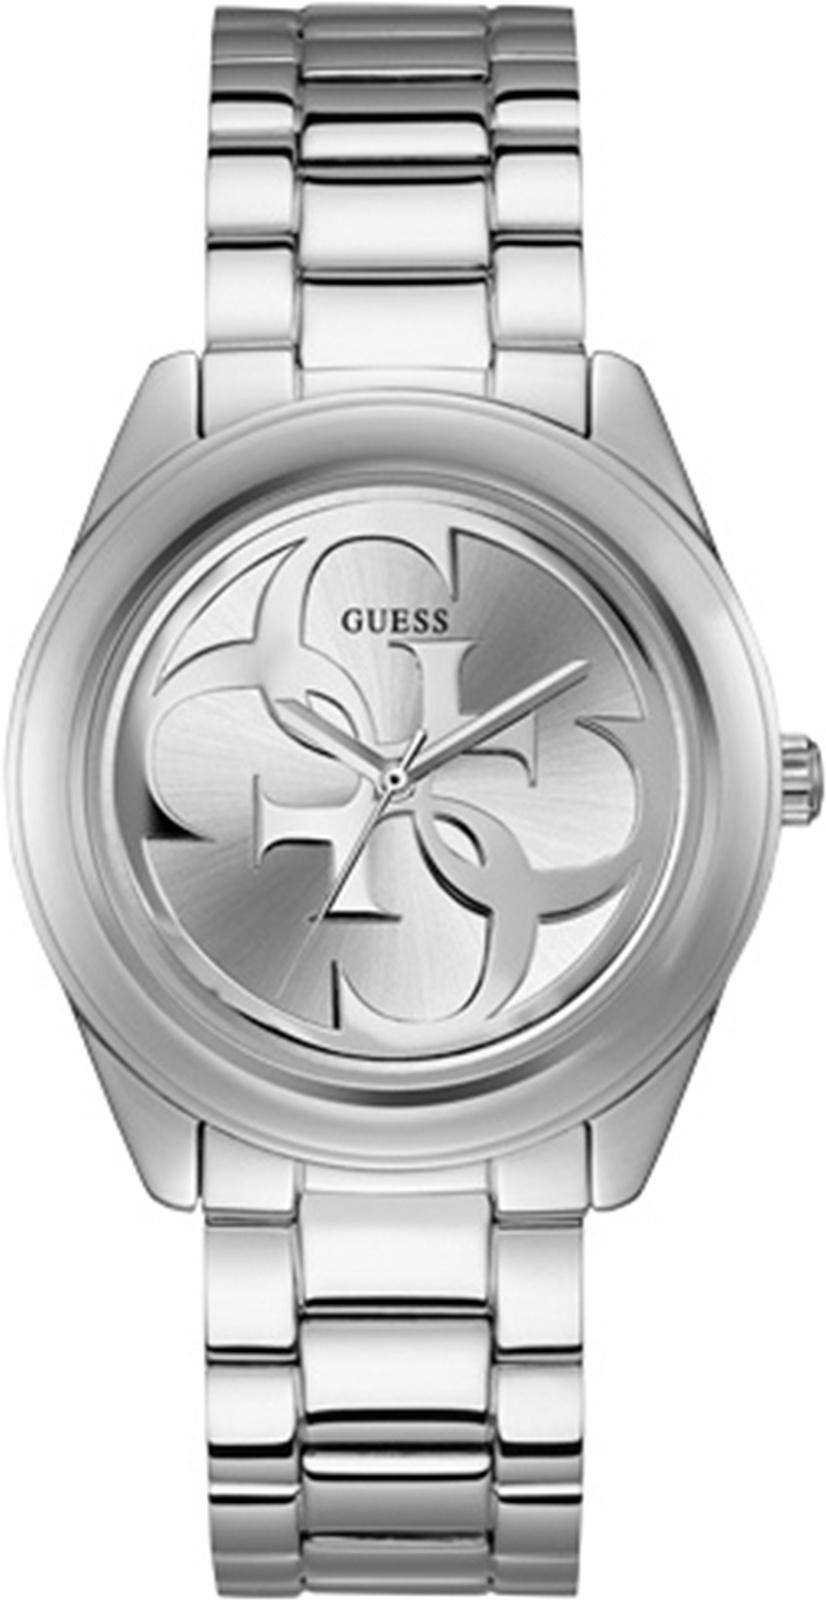 купить Часы Guess G TWIST по цене 8150 рублей